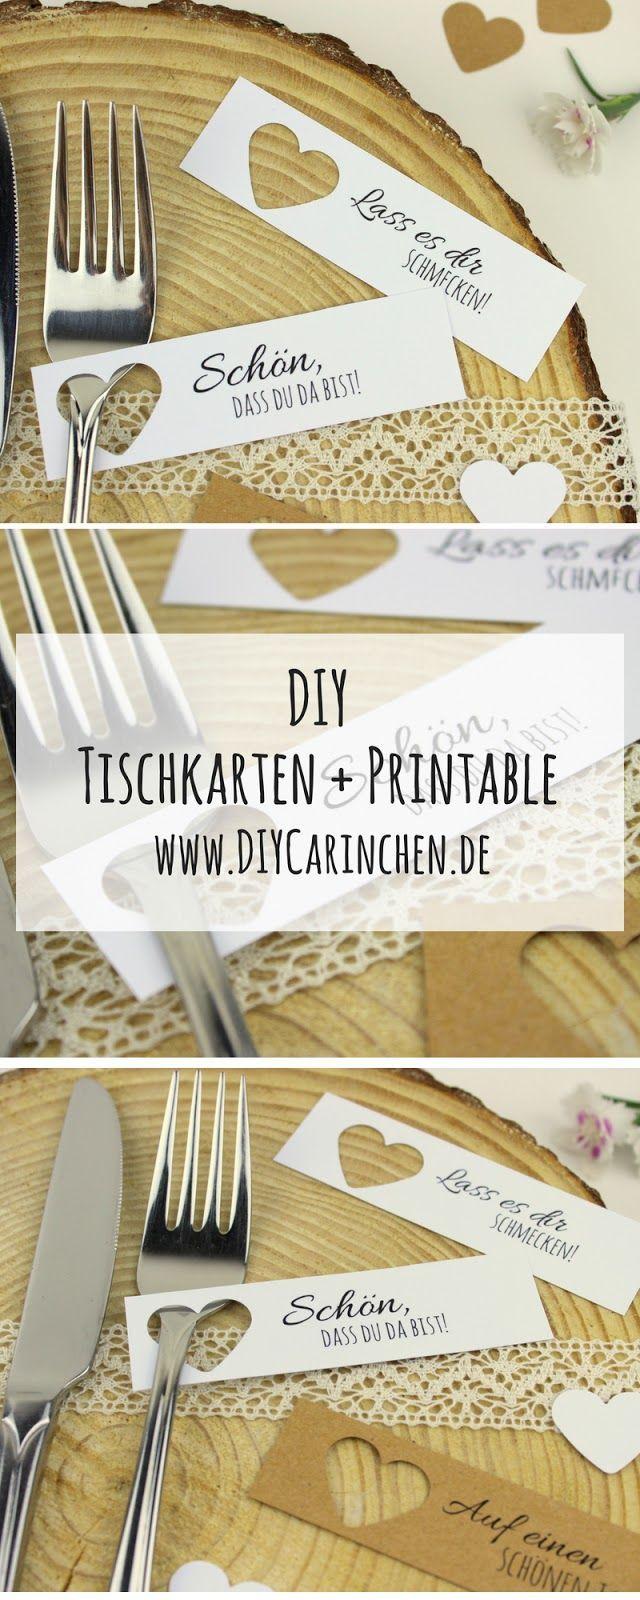 DIY Tischkarten ganz einfach selber machen + 5 kostenlose Vorlagen – ideal für die perfekte Hochzeit – DIYCarinchen – DIY Ideen: Basteln, Geschenke, Deko, und Wohnen